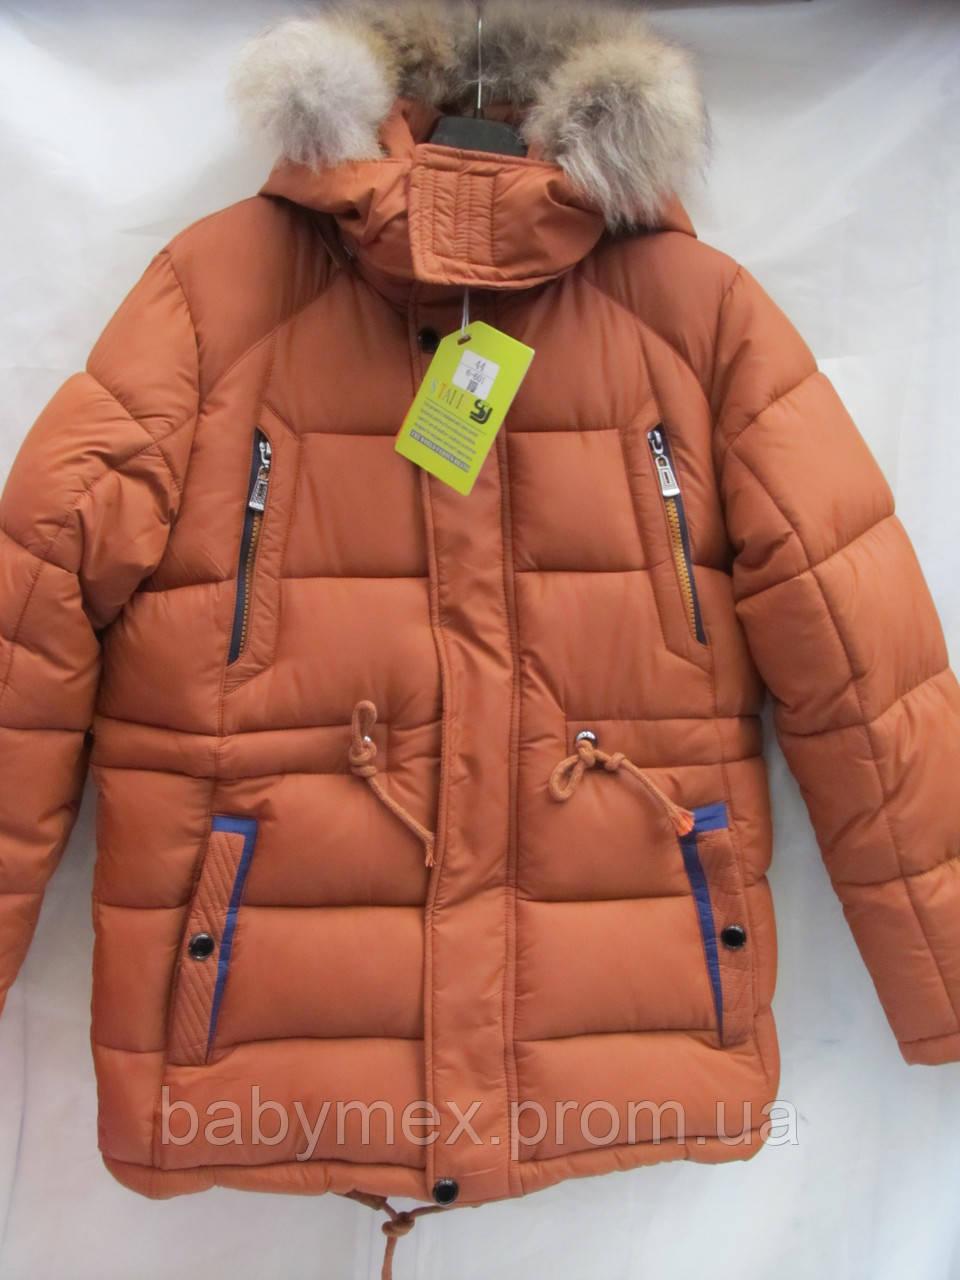 Куртка парка детская коричневая  продажа a4073f24869ab